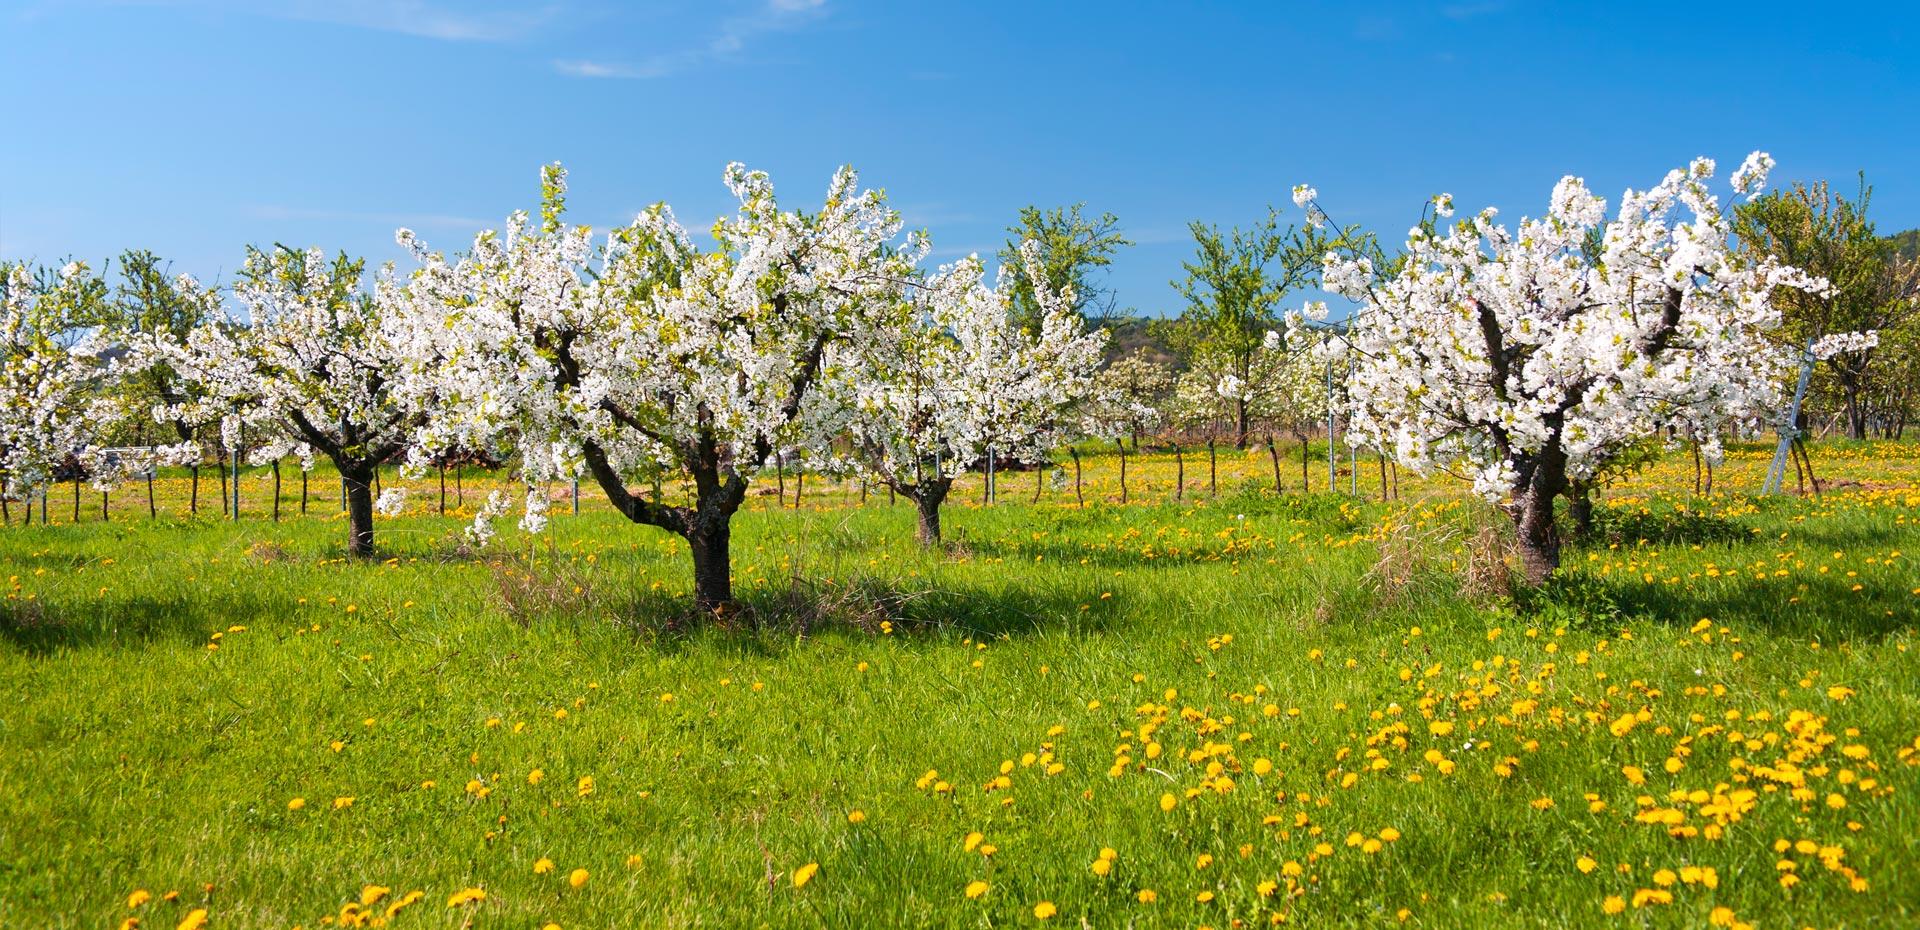 Frühlingsbild mit blühendem Baum in der Pfalz